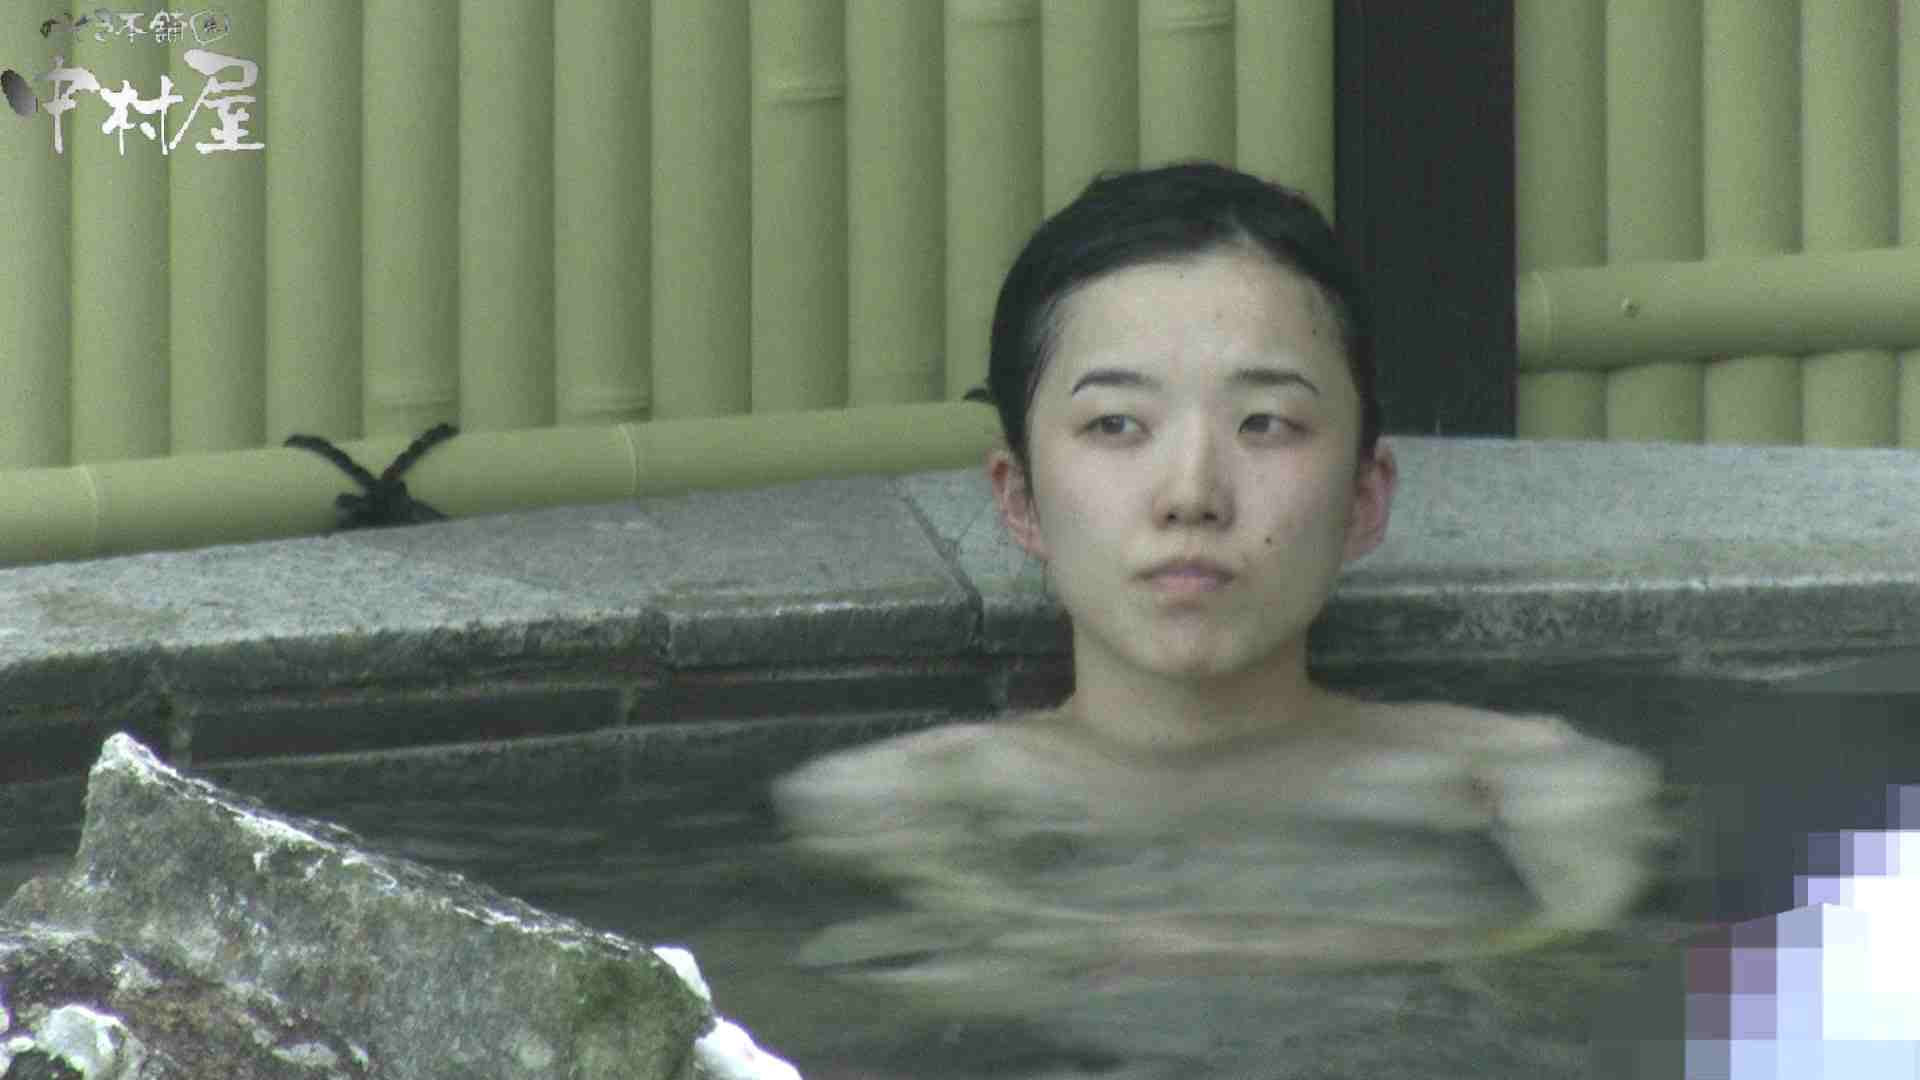 Aquaな露天風呂Vol.908 露天   盗撮  81pic 48